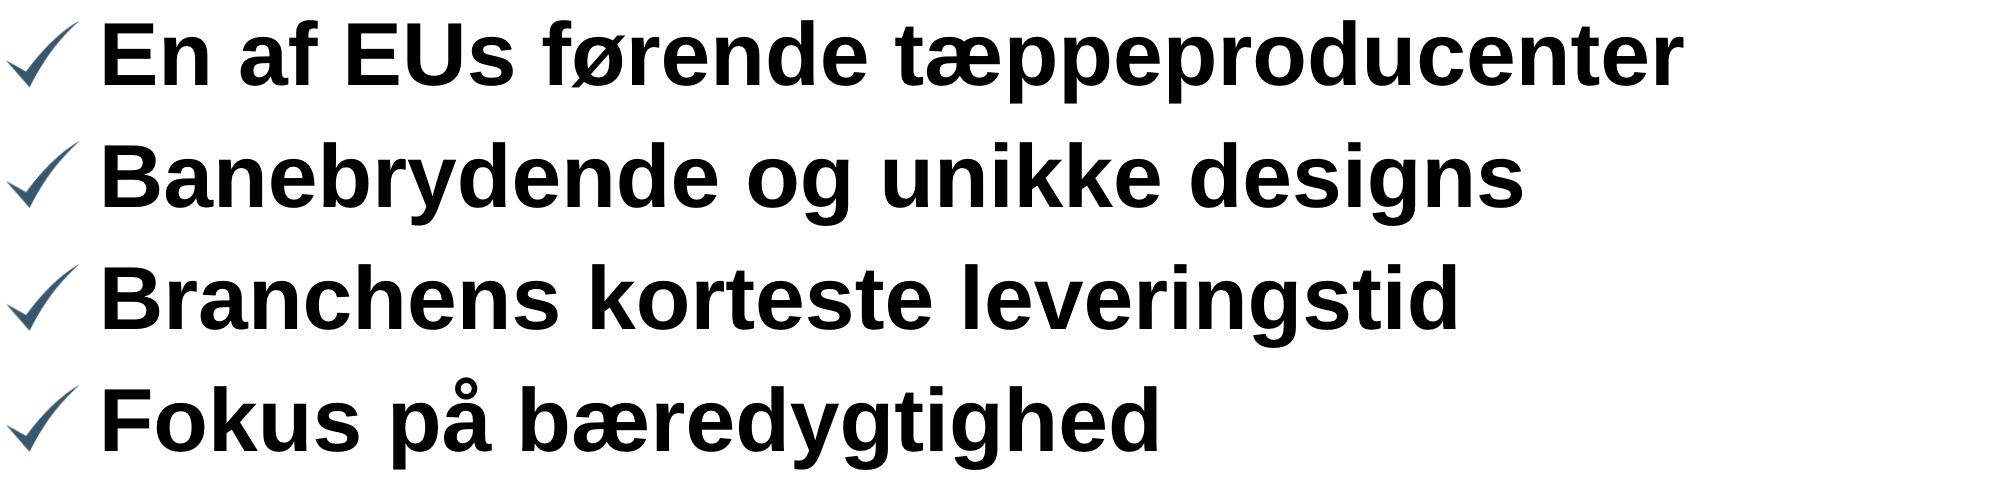 egetæpper logotekst